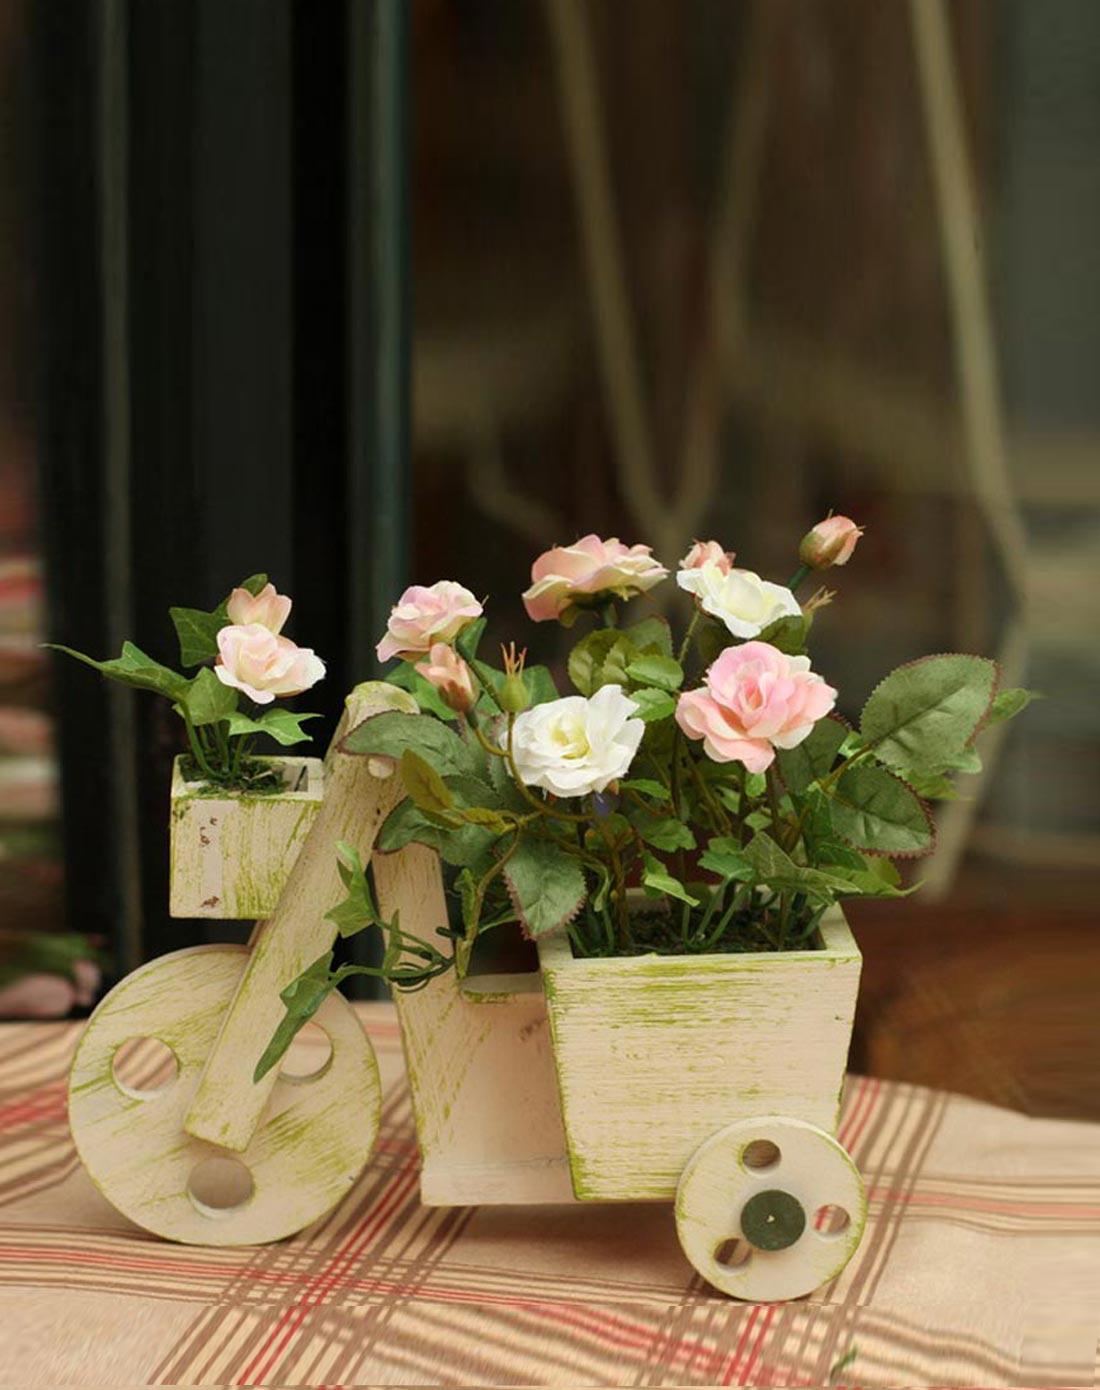 蔷薇花木头小车装饰花艺嫩白色